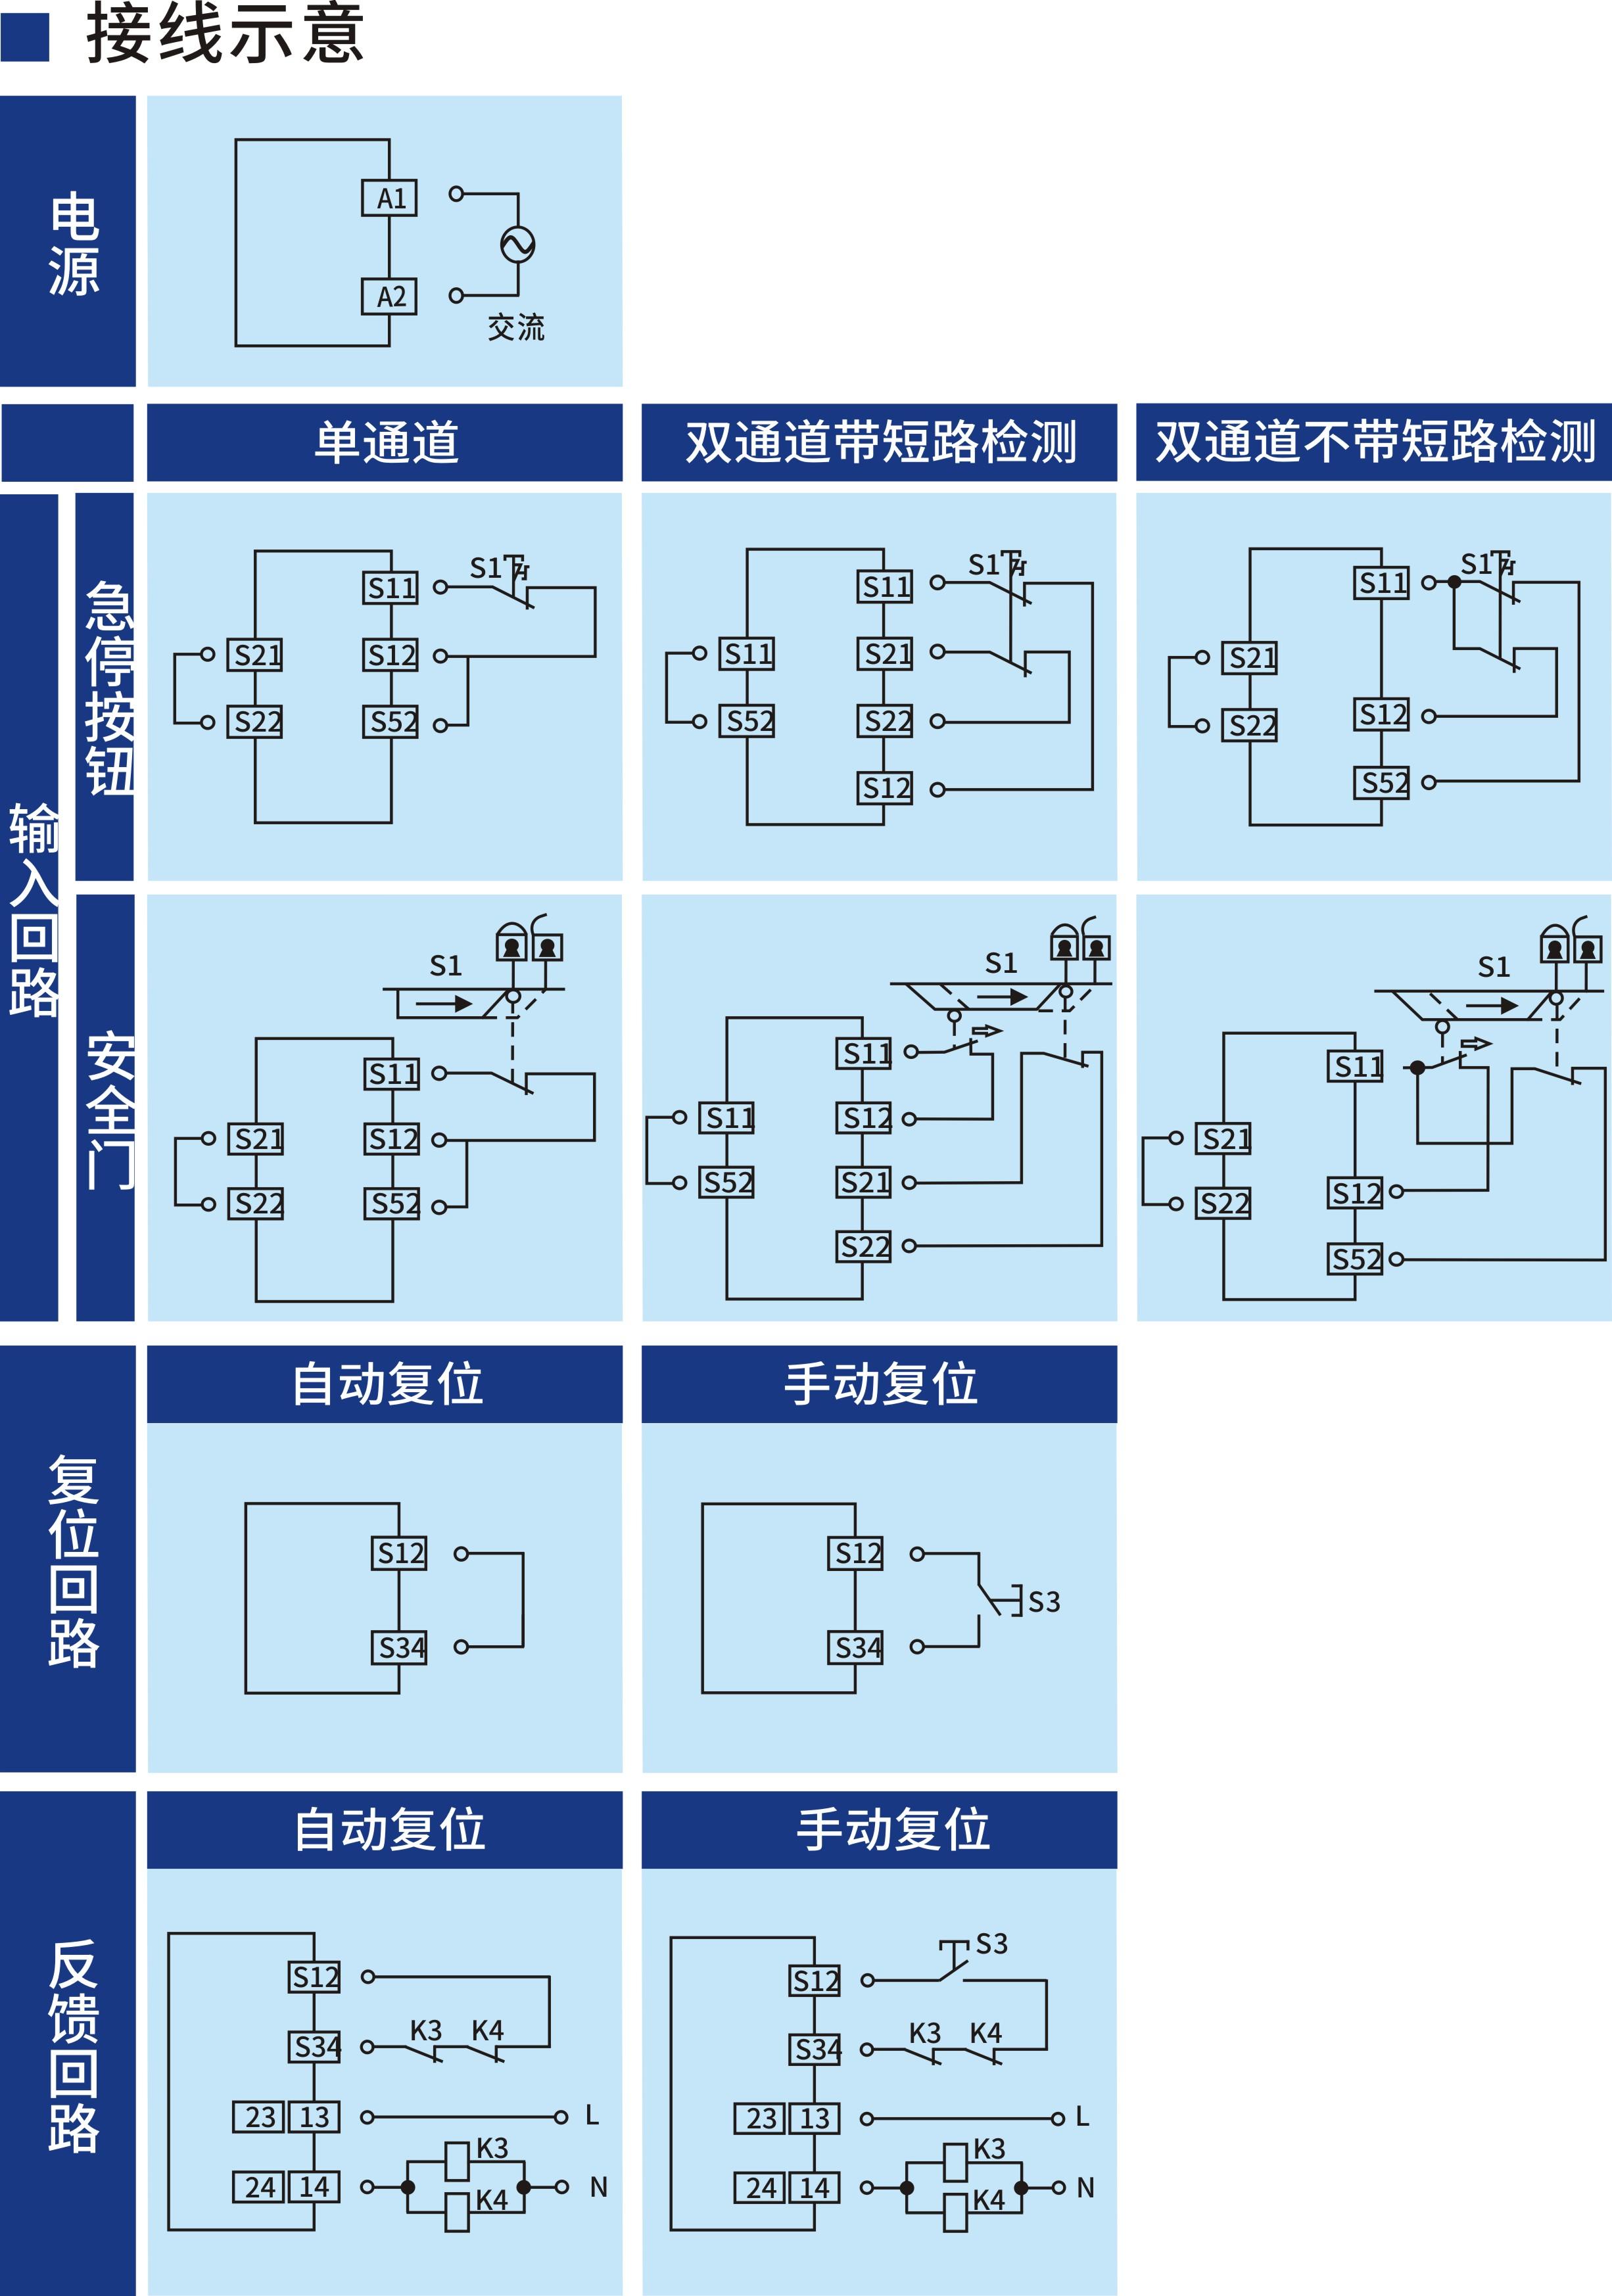 开关型安全设备输入 (急停按钮/安全门 230V AC 2NO+2NC 自动/手动复位)